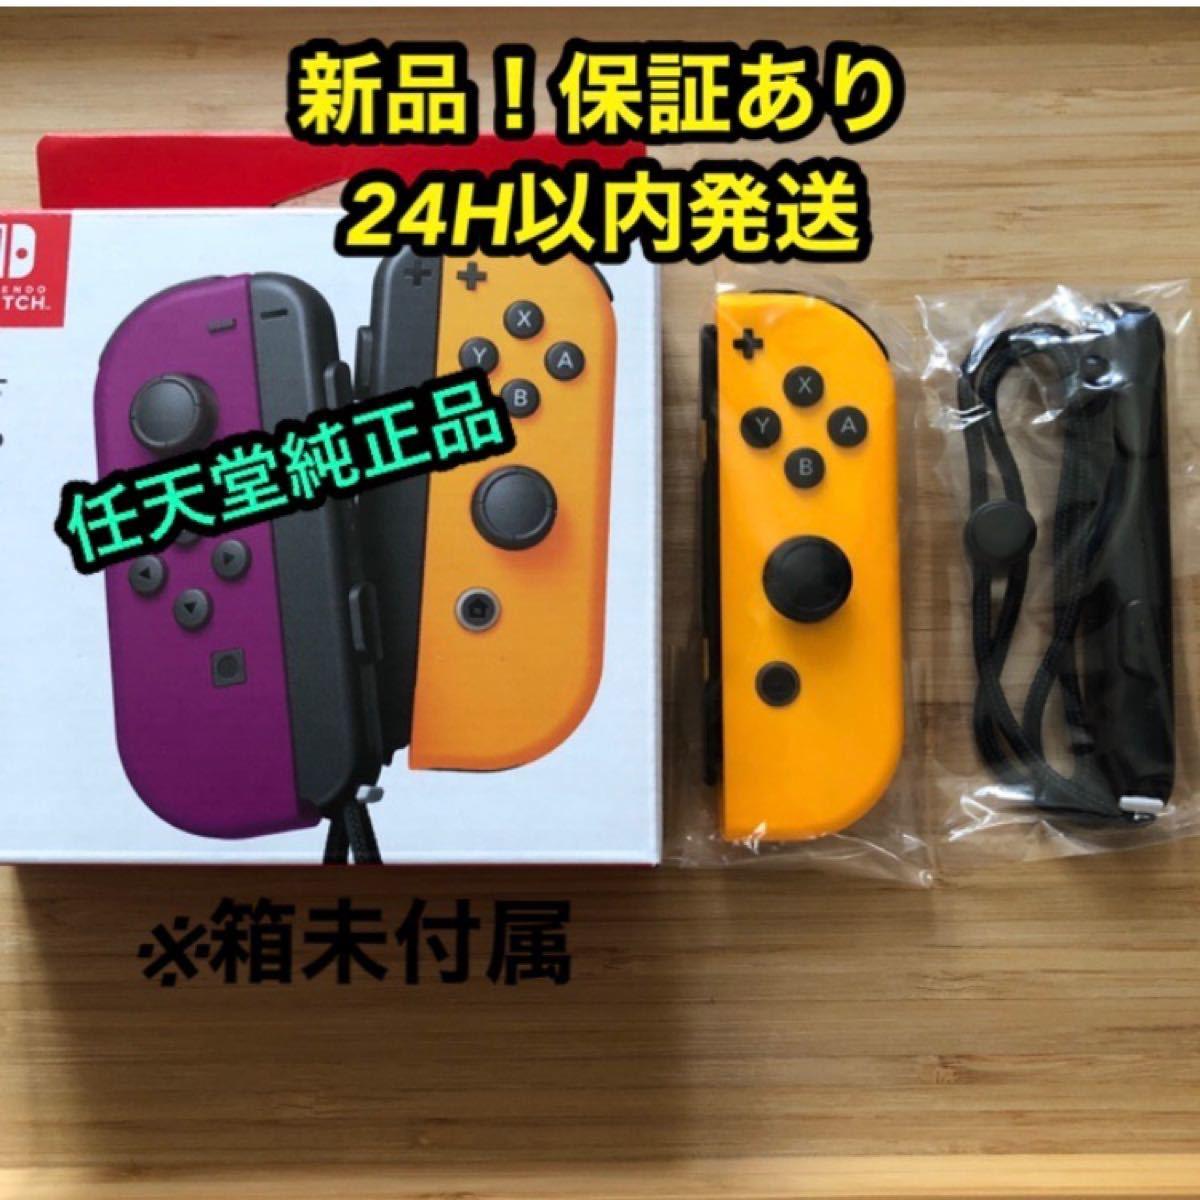 【新品】switch ジョイコン ネオンオレンジ(R・右) joy-con